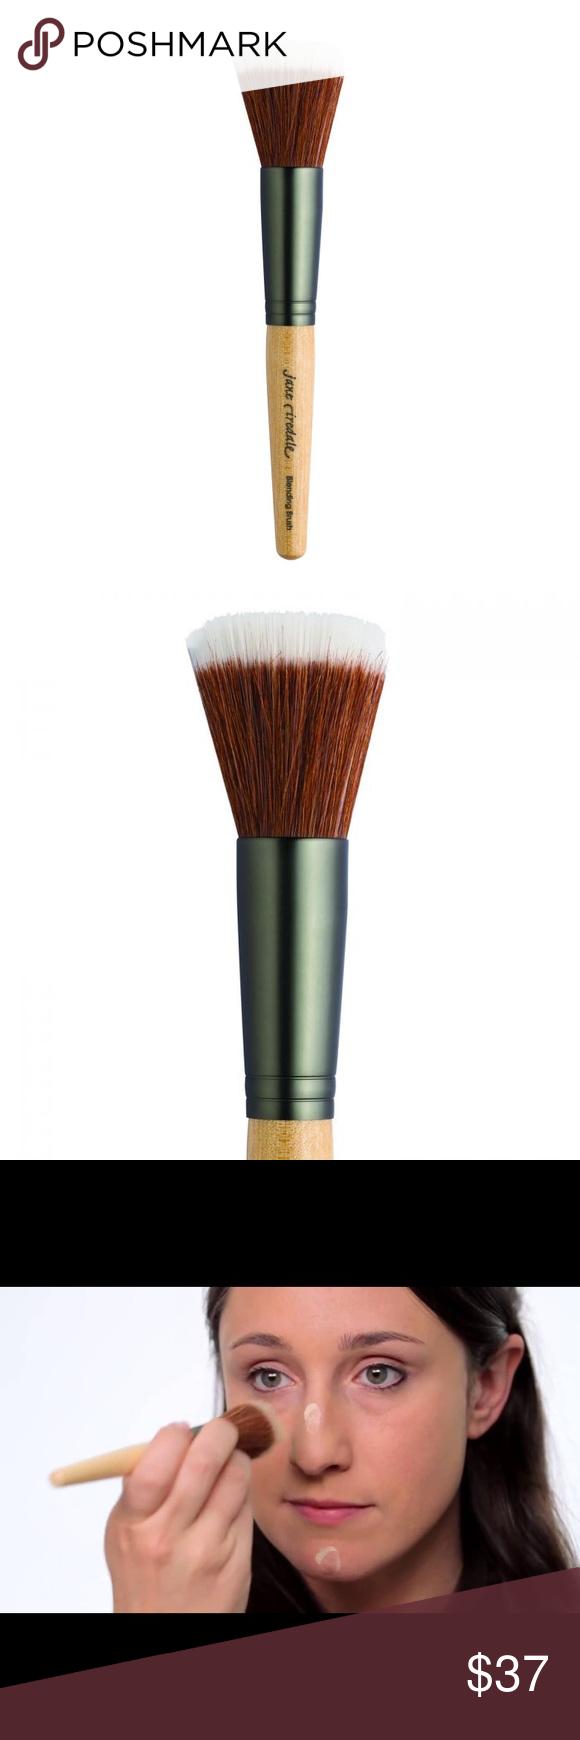 HP💕BLENDING Brush Jane Iredale Boutique Blending brushes